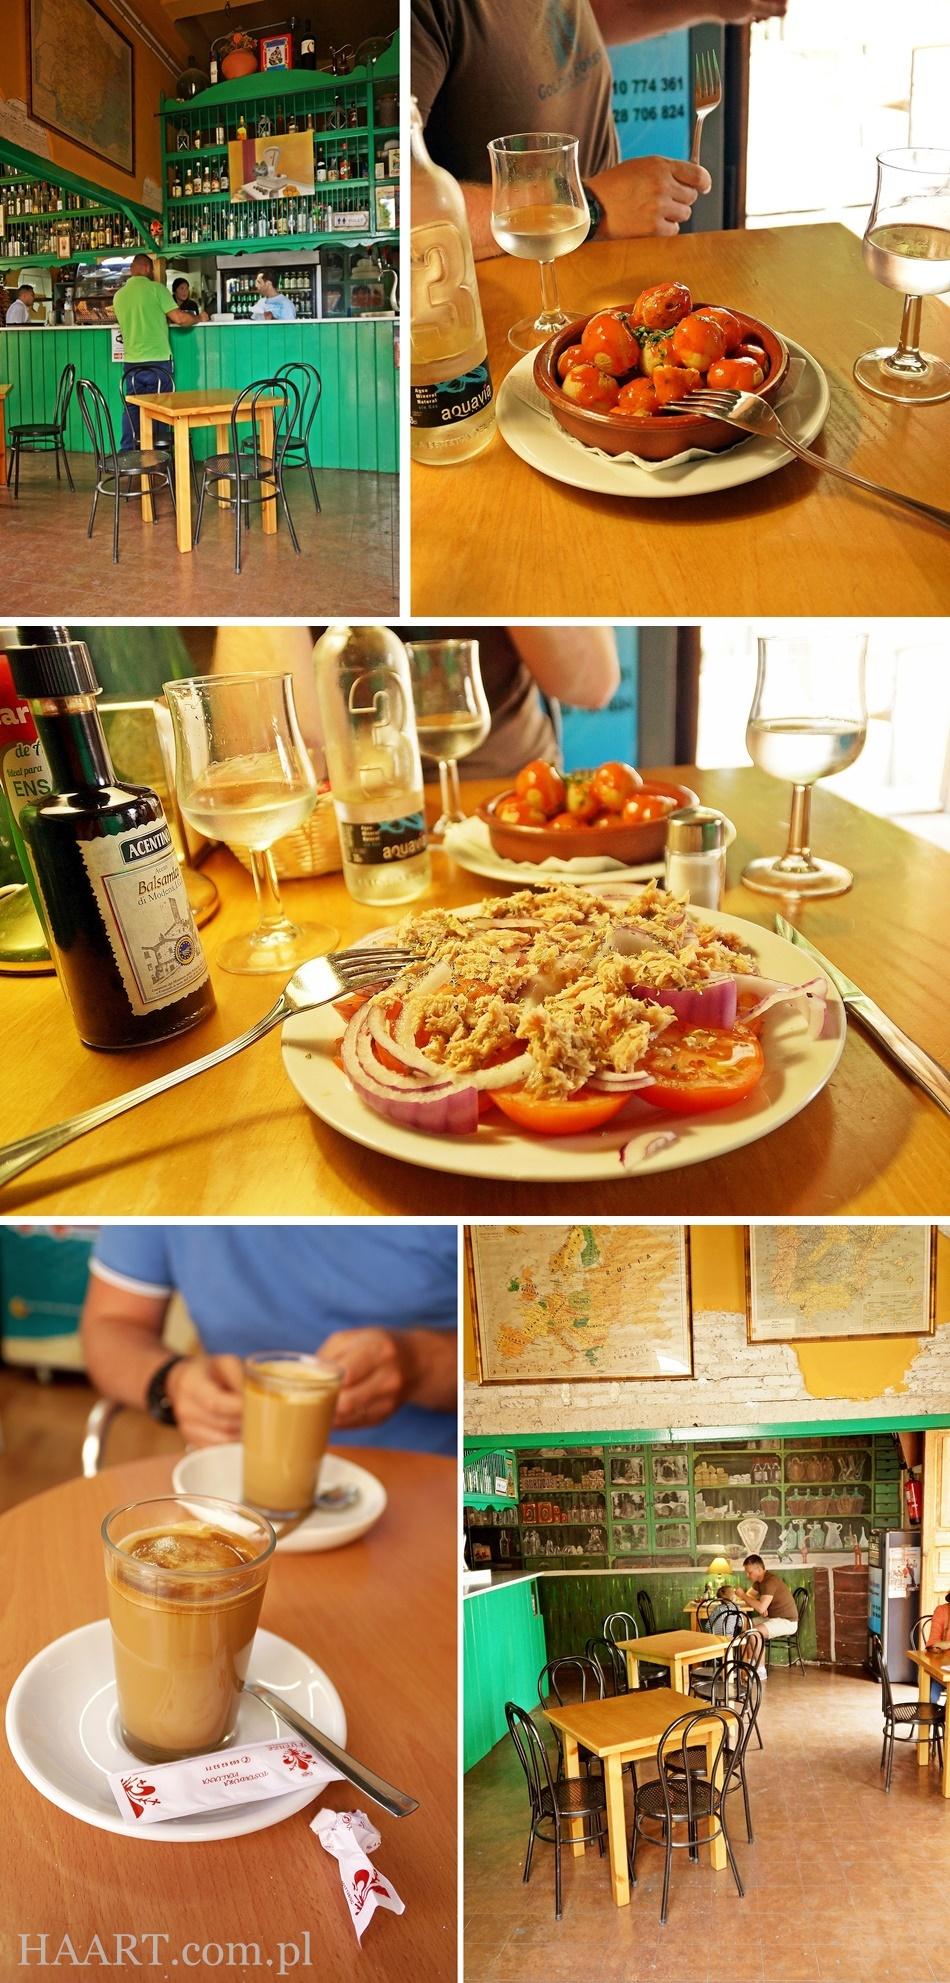 gran canaria ceny hiszpania co jeść gdzie kupować i ile płacić podróże z dzieckiem wakacje jedzenie - haart.pl blog diy zrób to sam 9